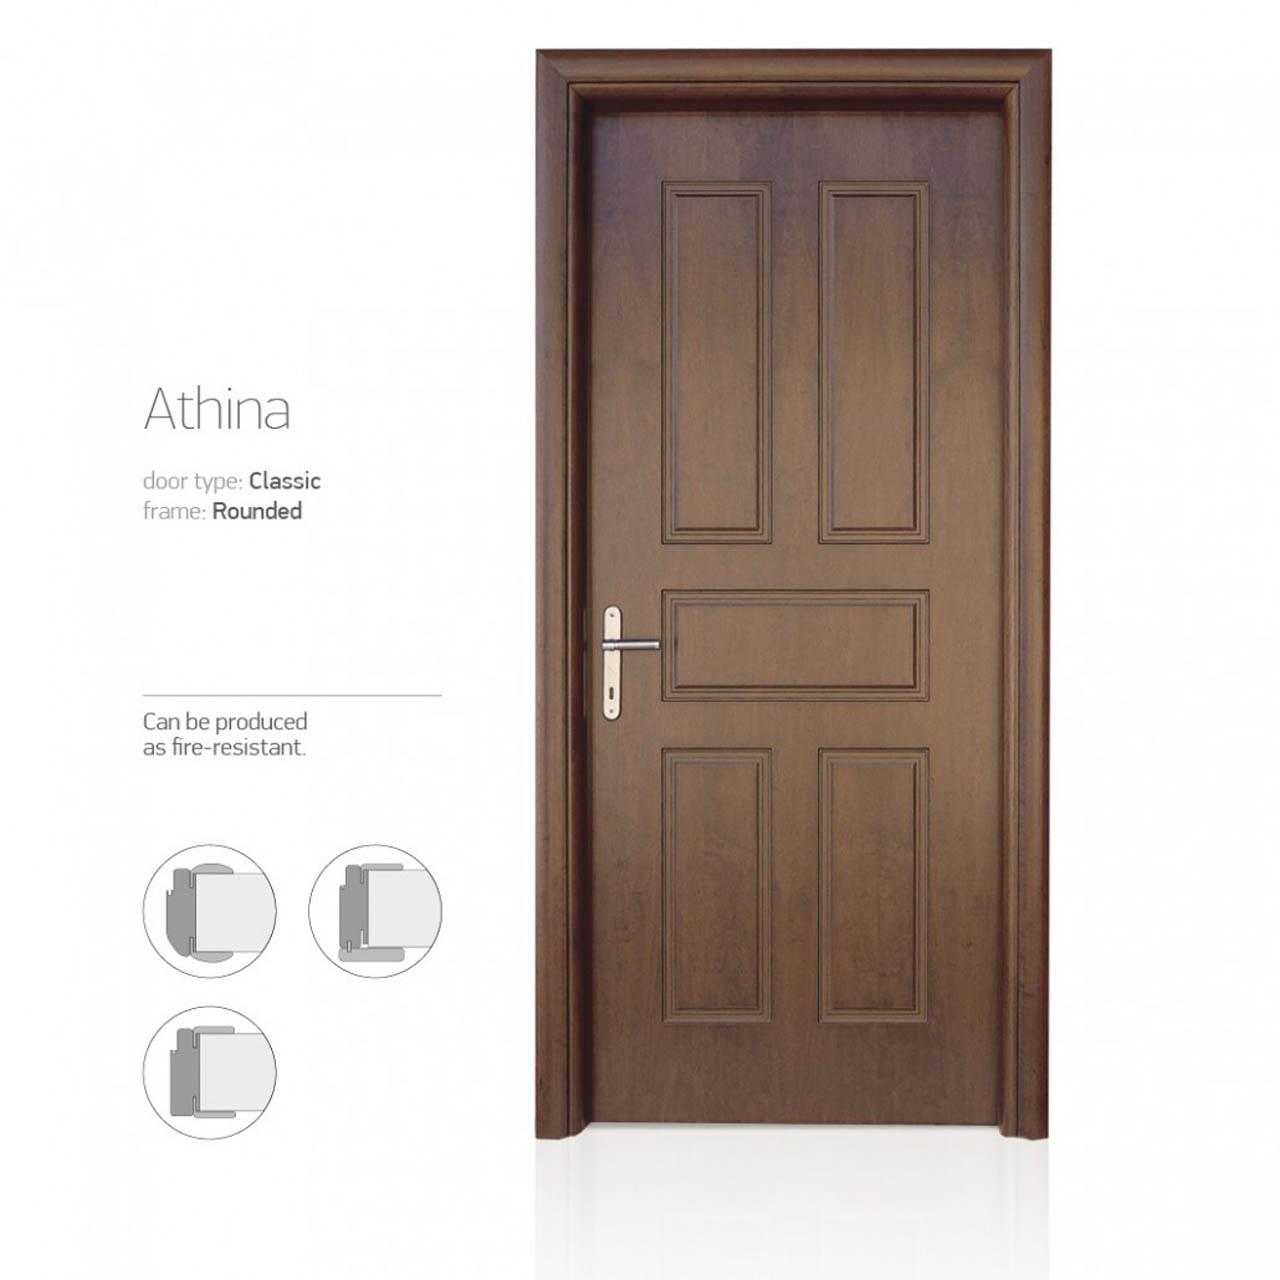 portes-site-classic-eng13-1030x1030